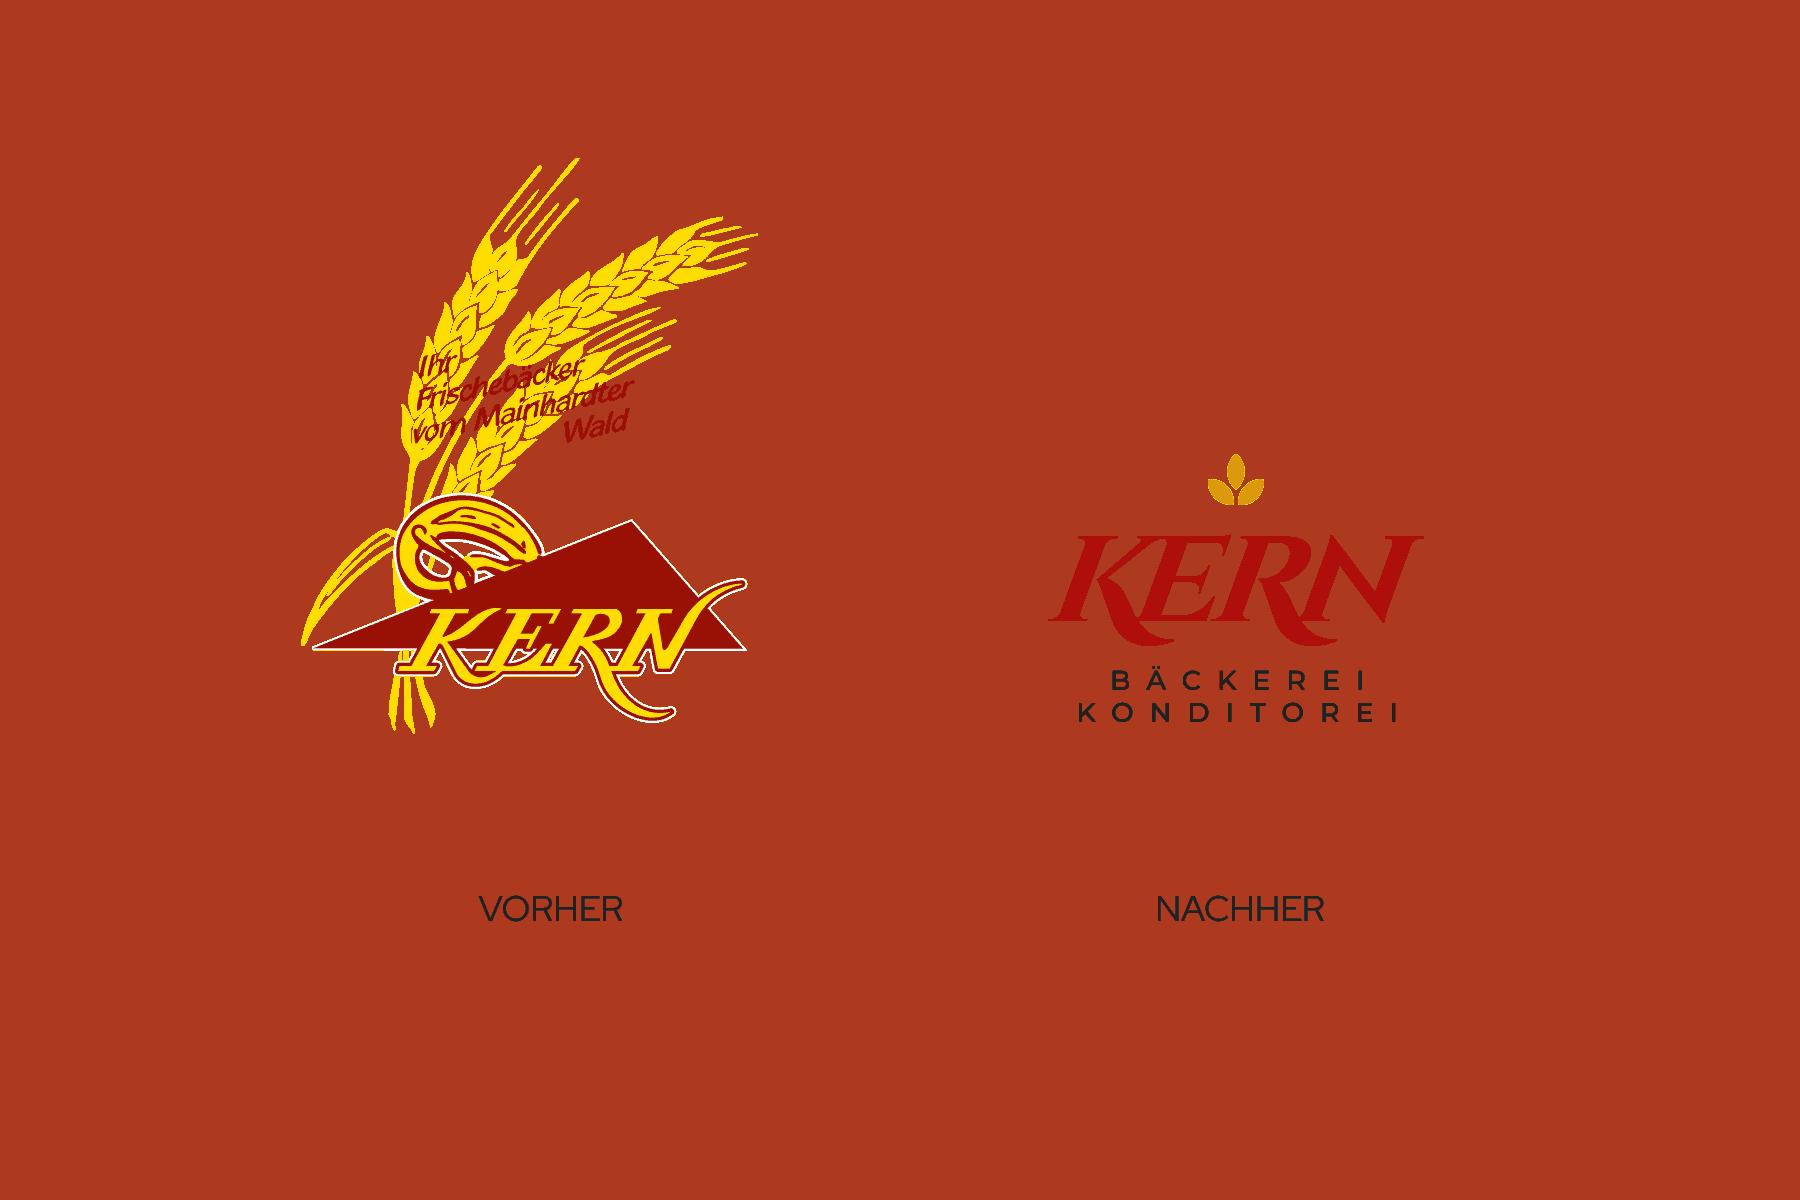 Vergleich Logo vorher Design nachher